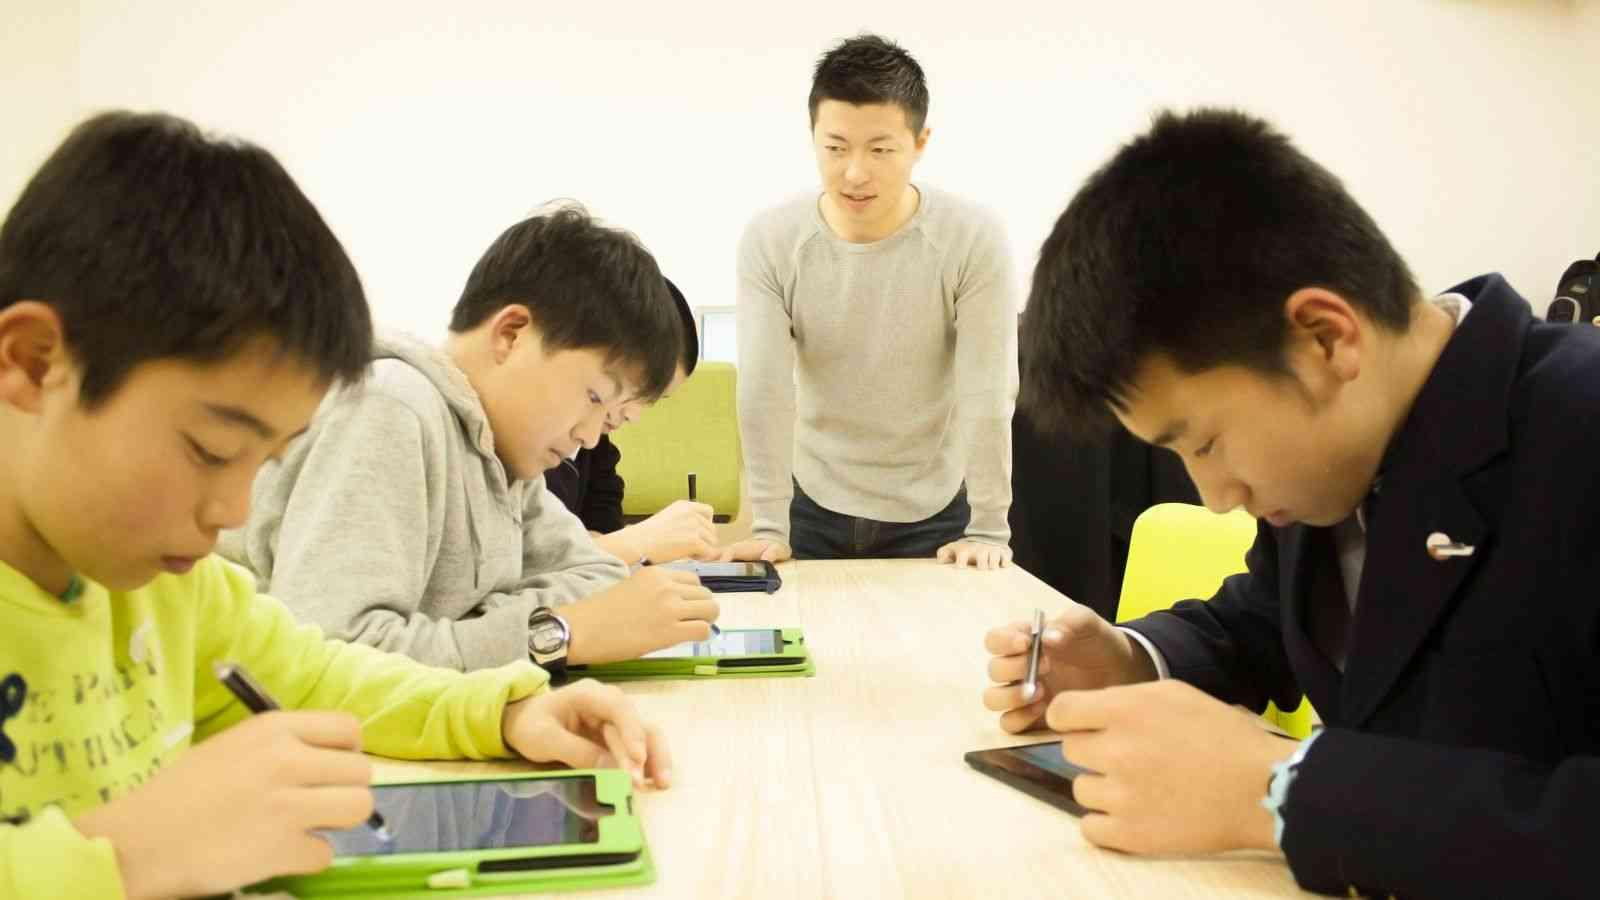 中学の必須教科は「10倍の速度」で習得可能だ | 子育て | 東洋経済オンライン | 経済ニュースの新基準